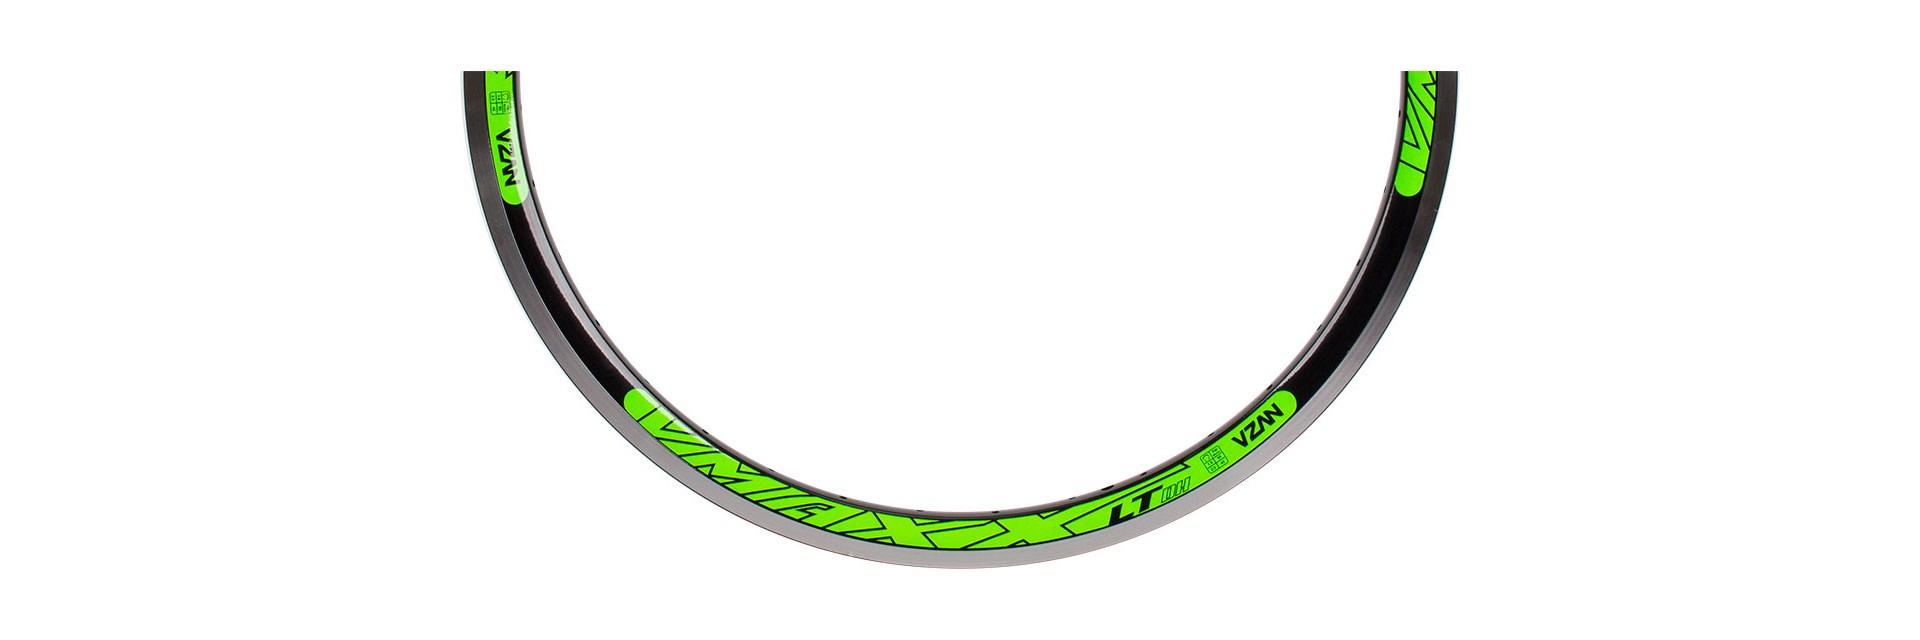 Aro Vmaxx Lt 26/36F Preto - Ad Verde Neon